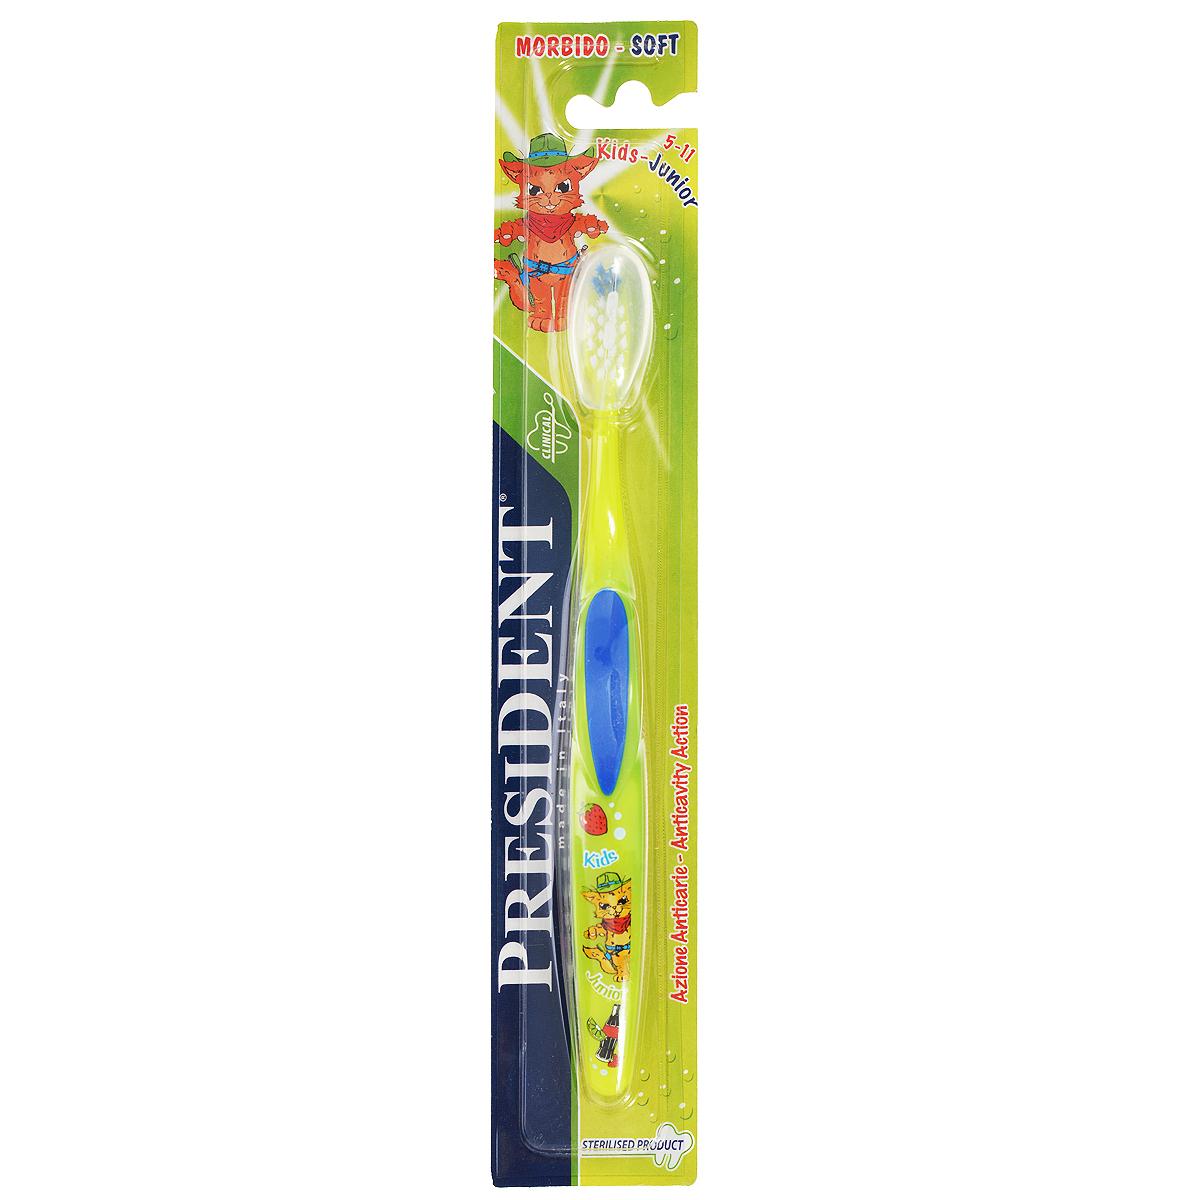 Детская зубная щетка President Kids-Junior, мягкая, цвет: синий, зеленый, 5-11 лет72624_зеленый,синийДетская зубная щетка President Kids-Junior идеально подходит для чистки зубов при сменном прикусе.Мягкие щетинки с закругленными кончиками эффективно и деликатно очищают зубы и межзубные промежутки, что особенно важно для предотвращения кариеса в период смены молочных зубов на постоянные.Ручка из мягкой резины позволяет надежно держать щетку во время использования. Товар сертифицирован.